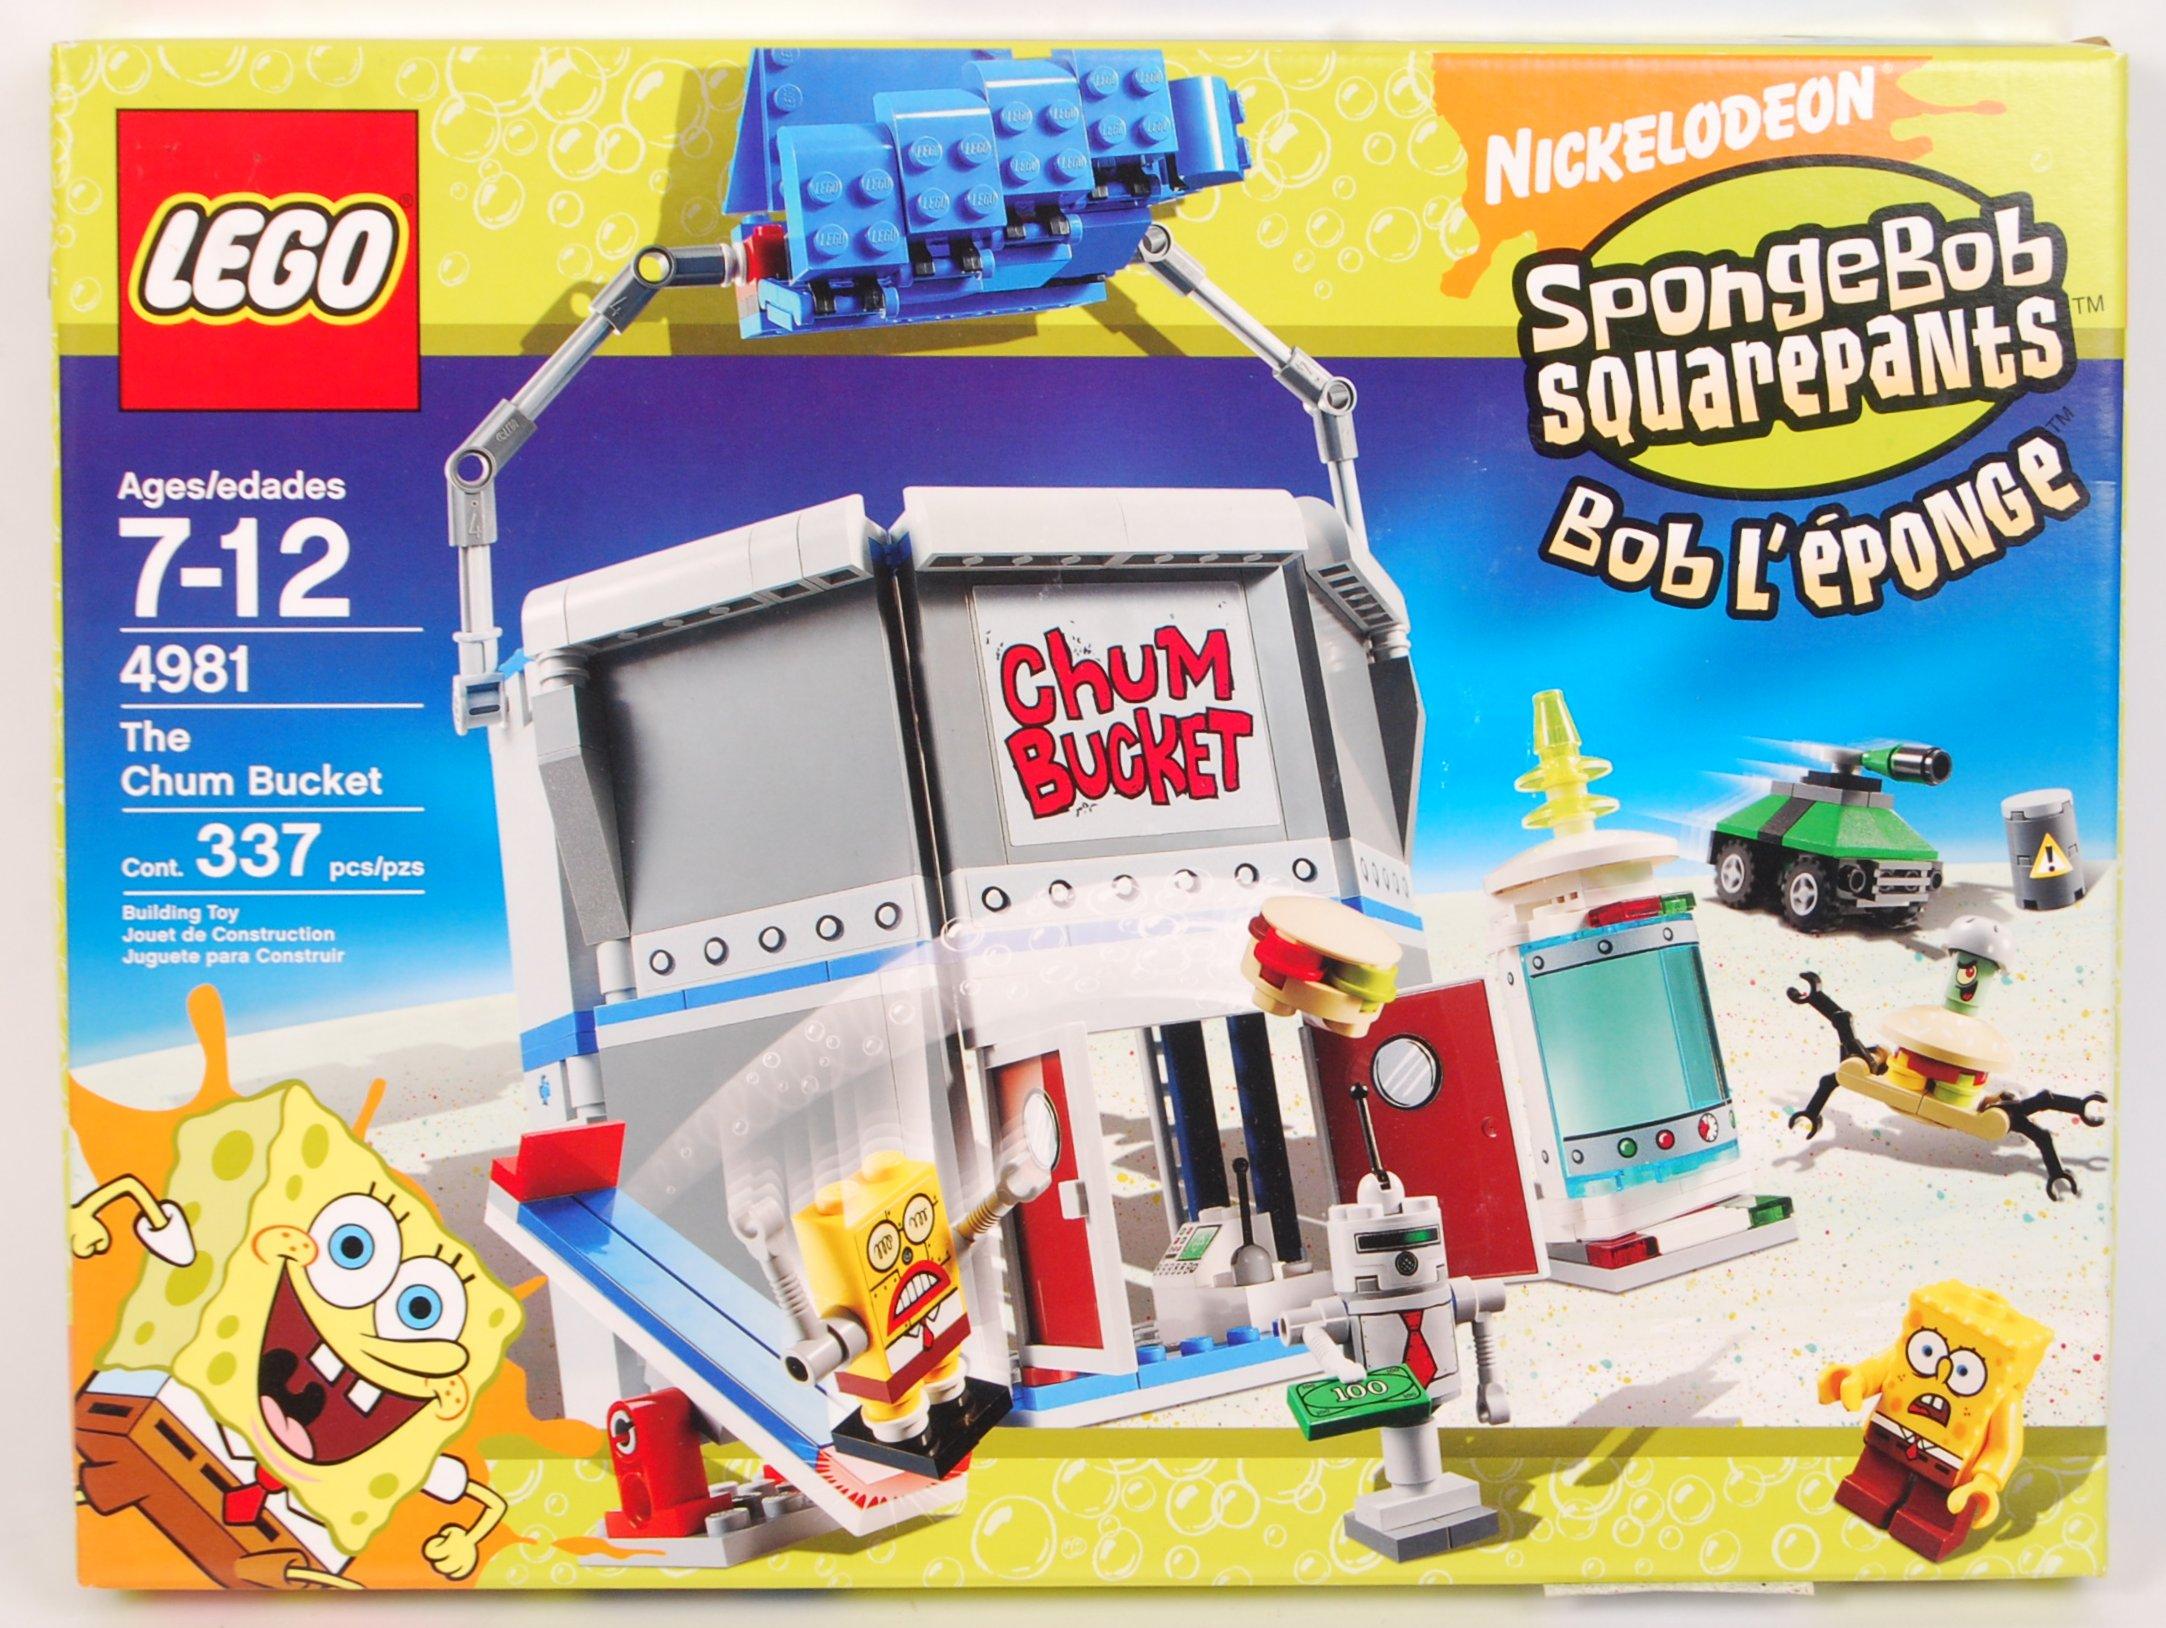 Y Juguetes Esponja 4981 Juegos Lego Bob UGMzVqSp